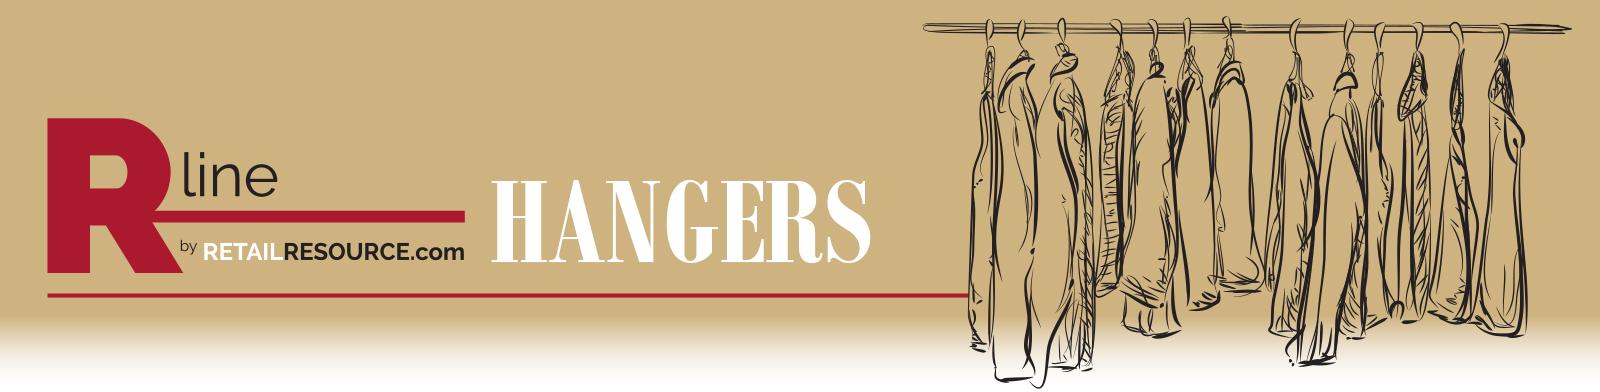 R-Line Hangers